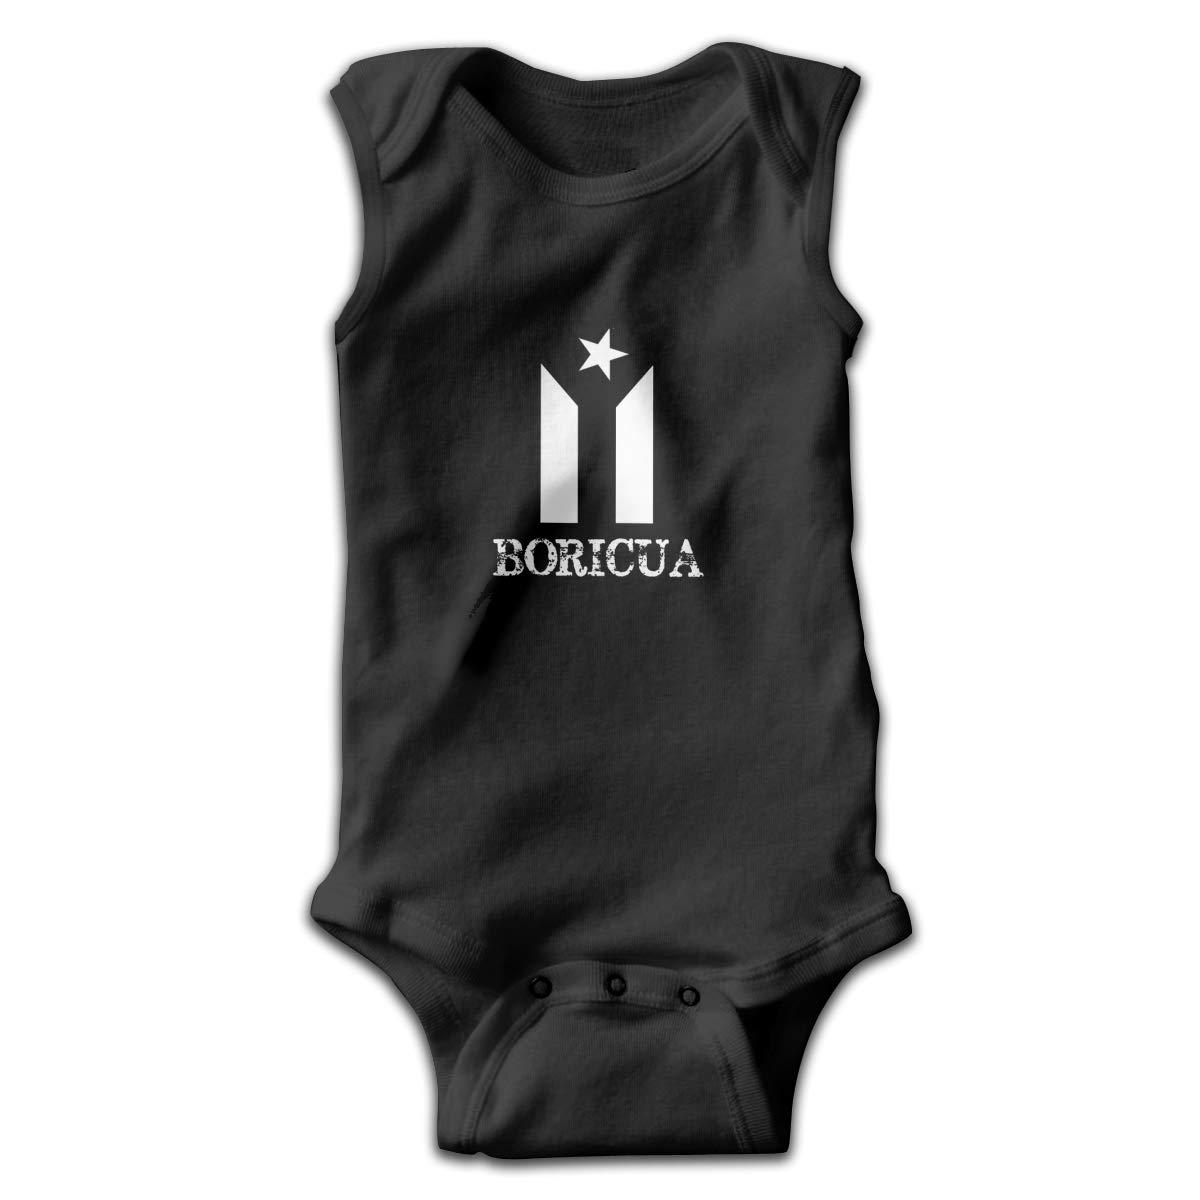 Newborn Puerto Rico Resiste Boricua Flag Sleeveless Baby Clothes Pajamas Sleepwear 100/% Cotton